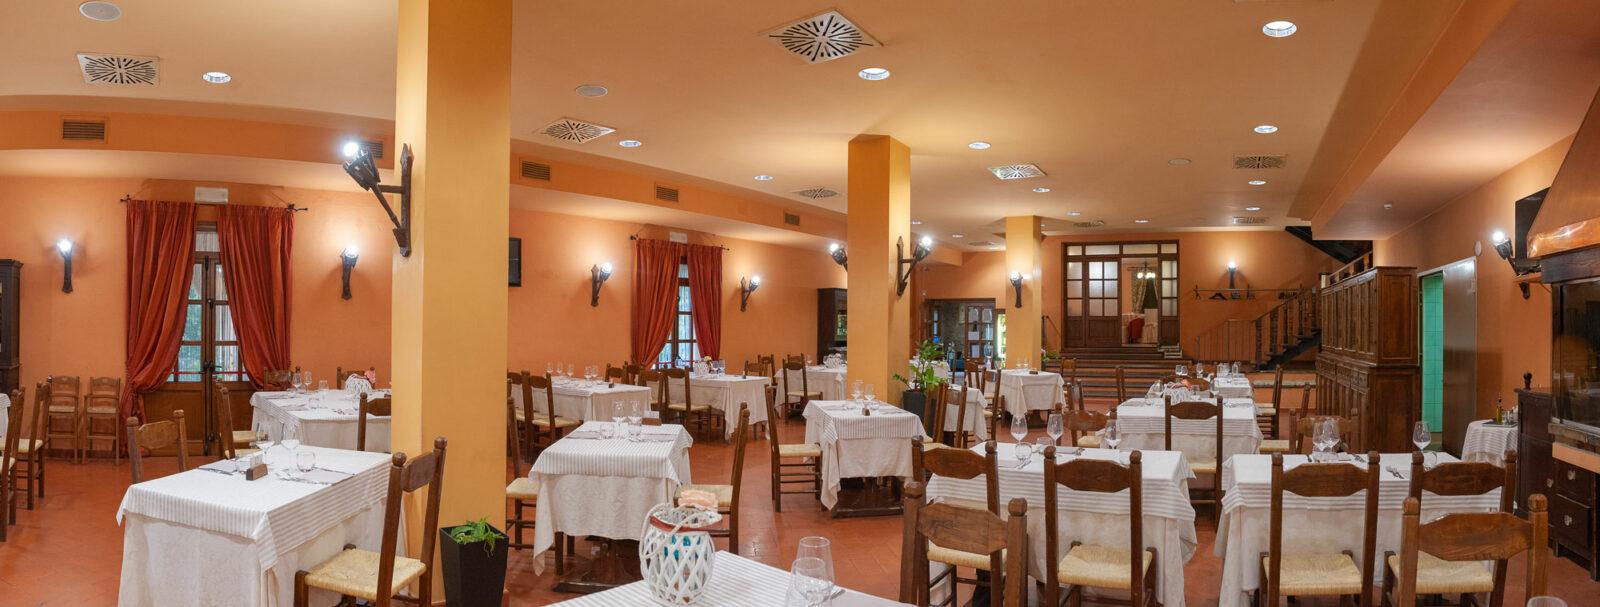 la-fattoria-ristorante-pizzeria-albergo-sala-da-pranzo-piano-terra-2